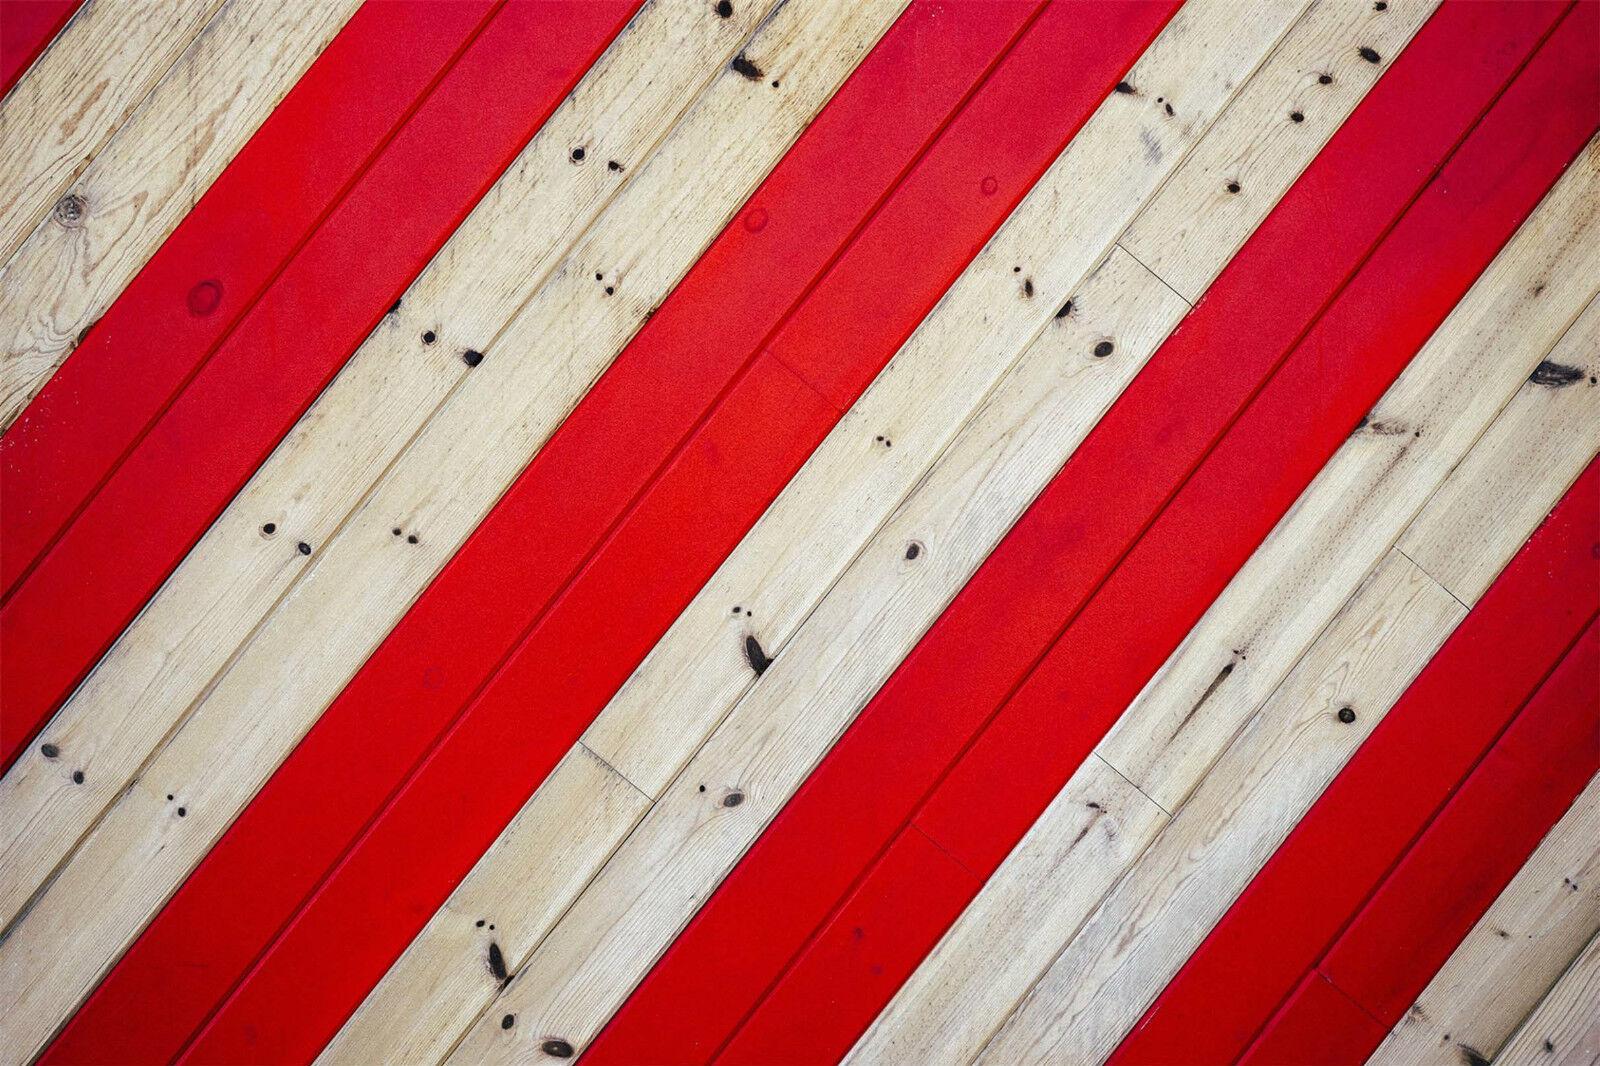 3D Plancher Bois Rouge 307 Mural Décor Mural 307 Murale De Mur De Cuisine AJ WALLPAPER FR 4de375